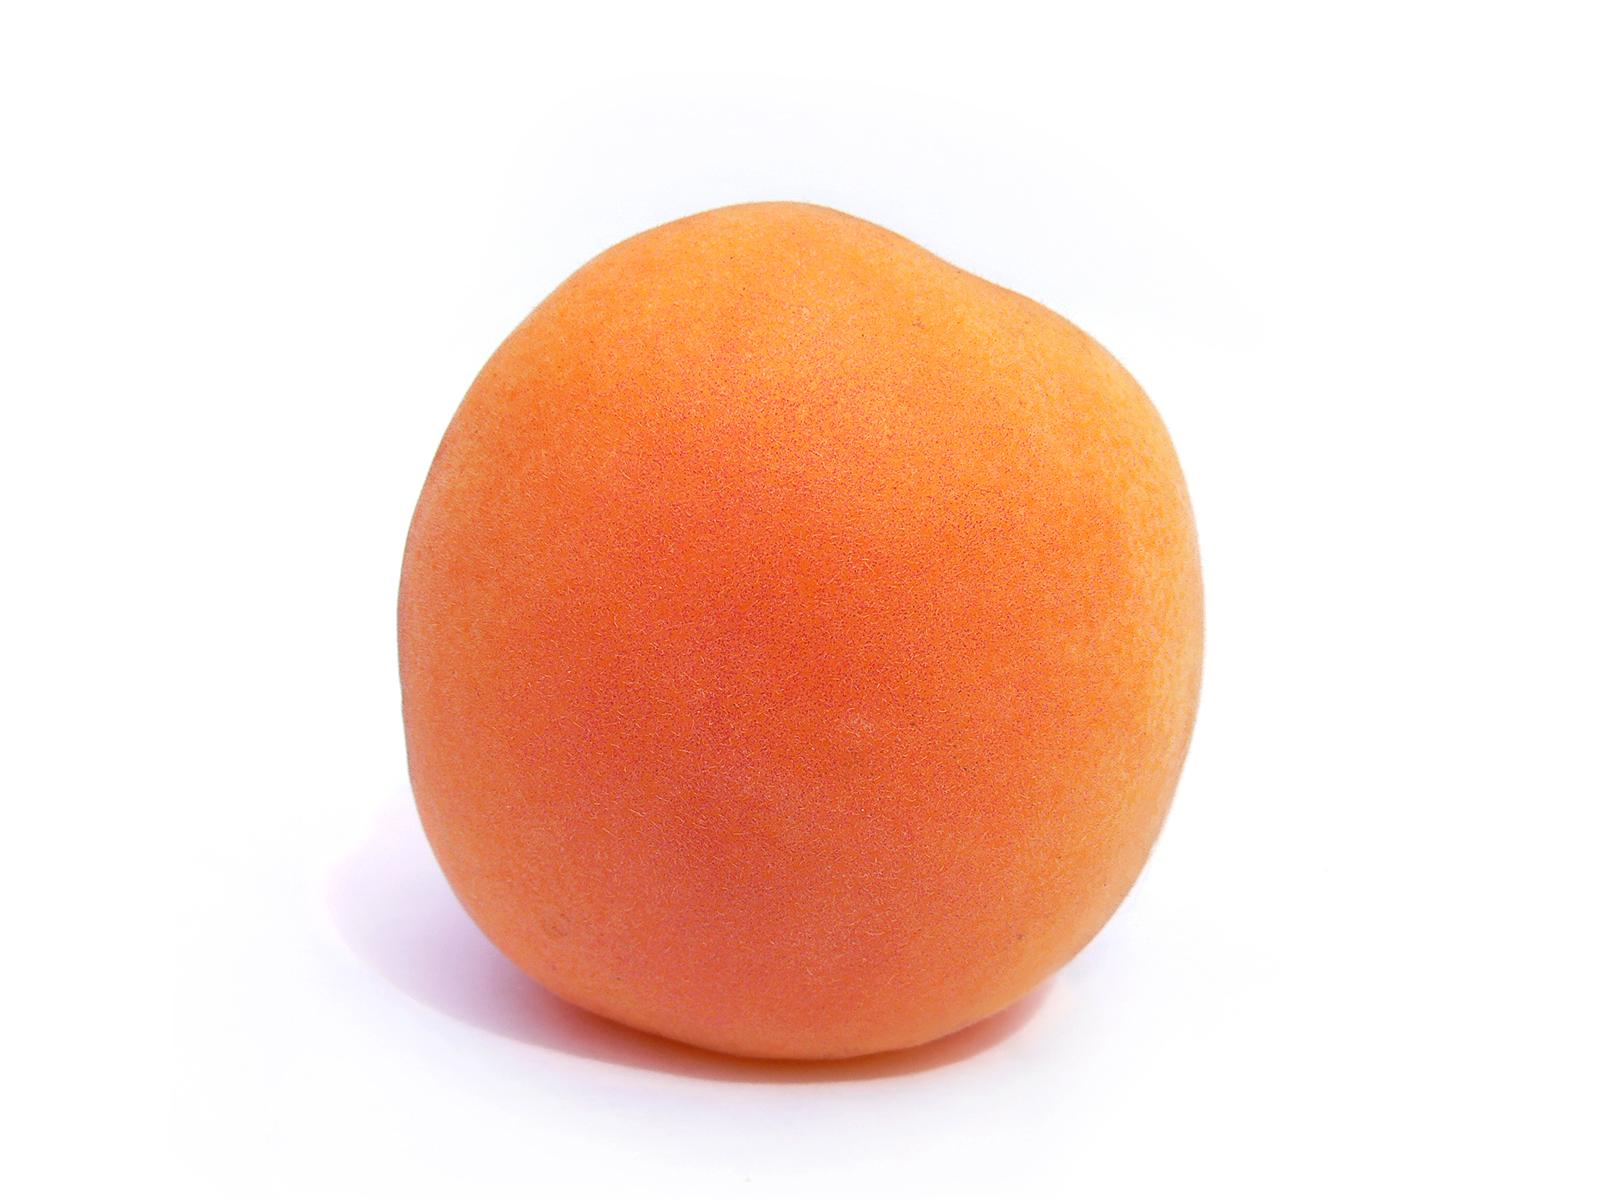 File:Apricot whole444.jpg - Wikimedia Commons